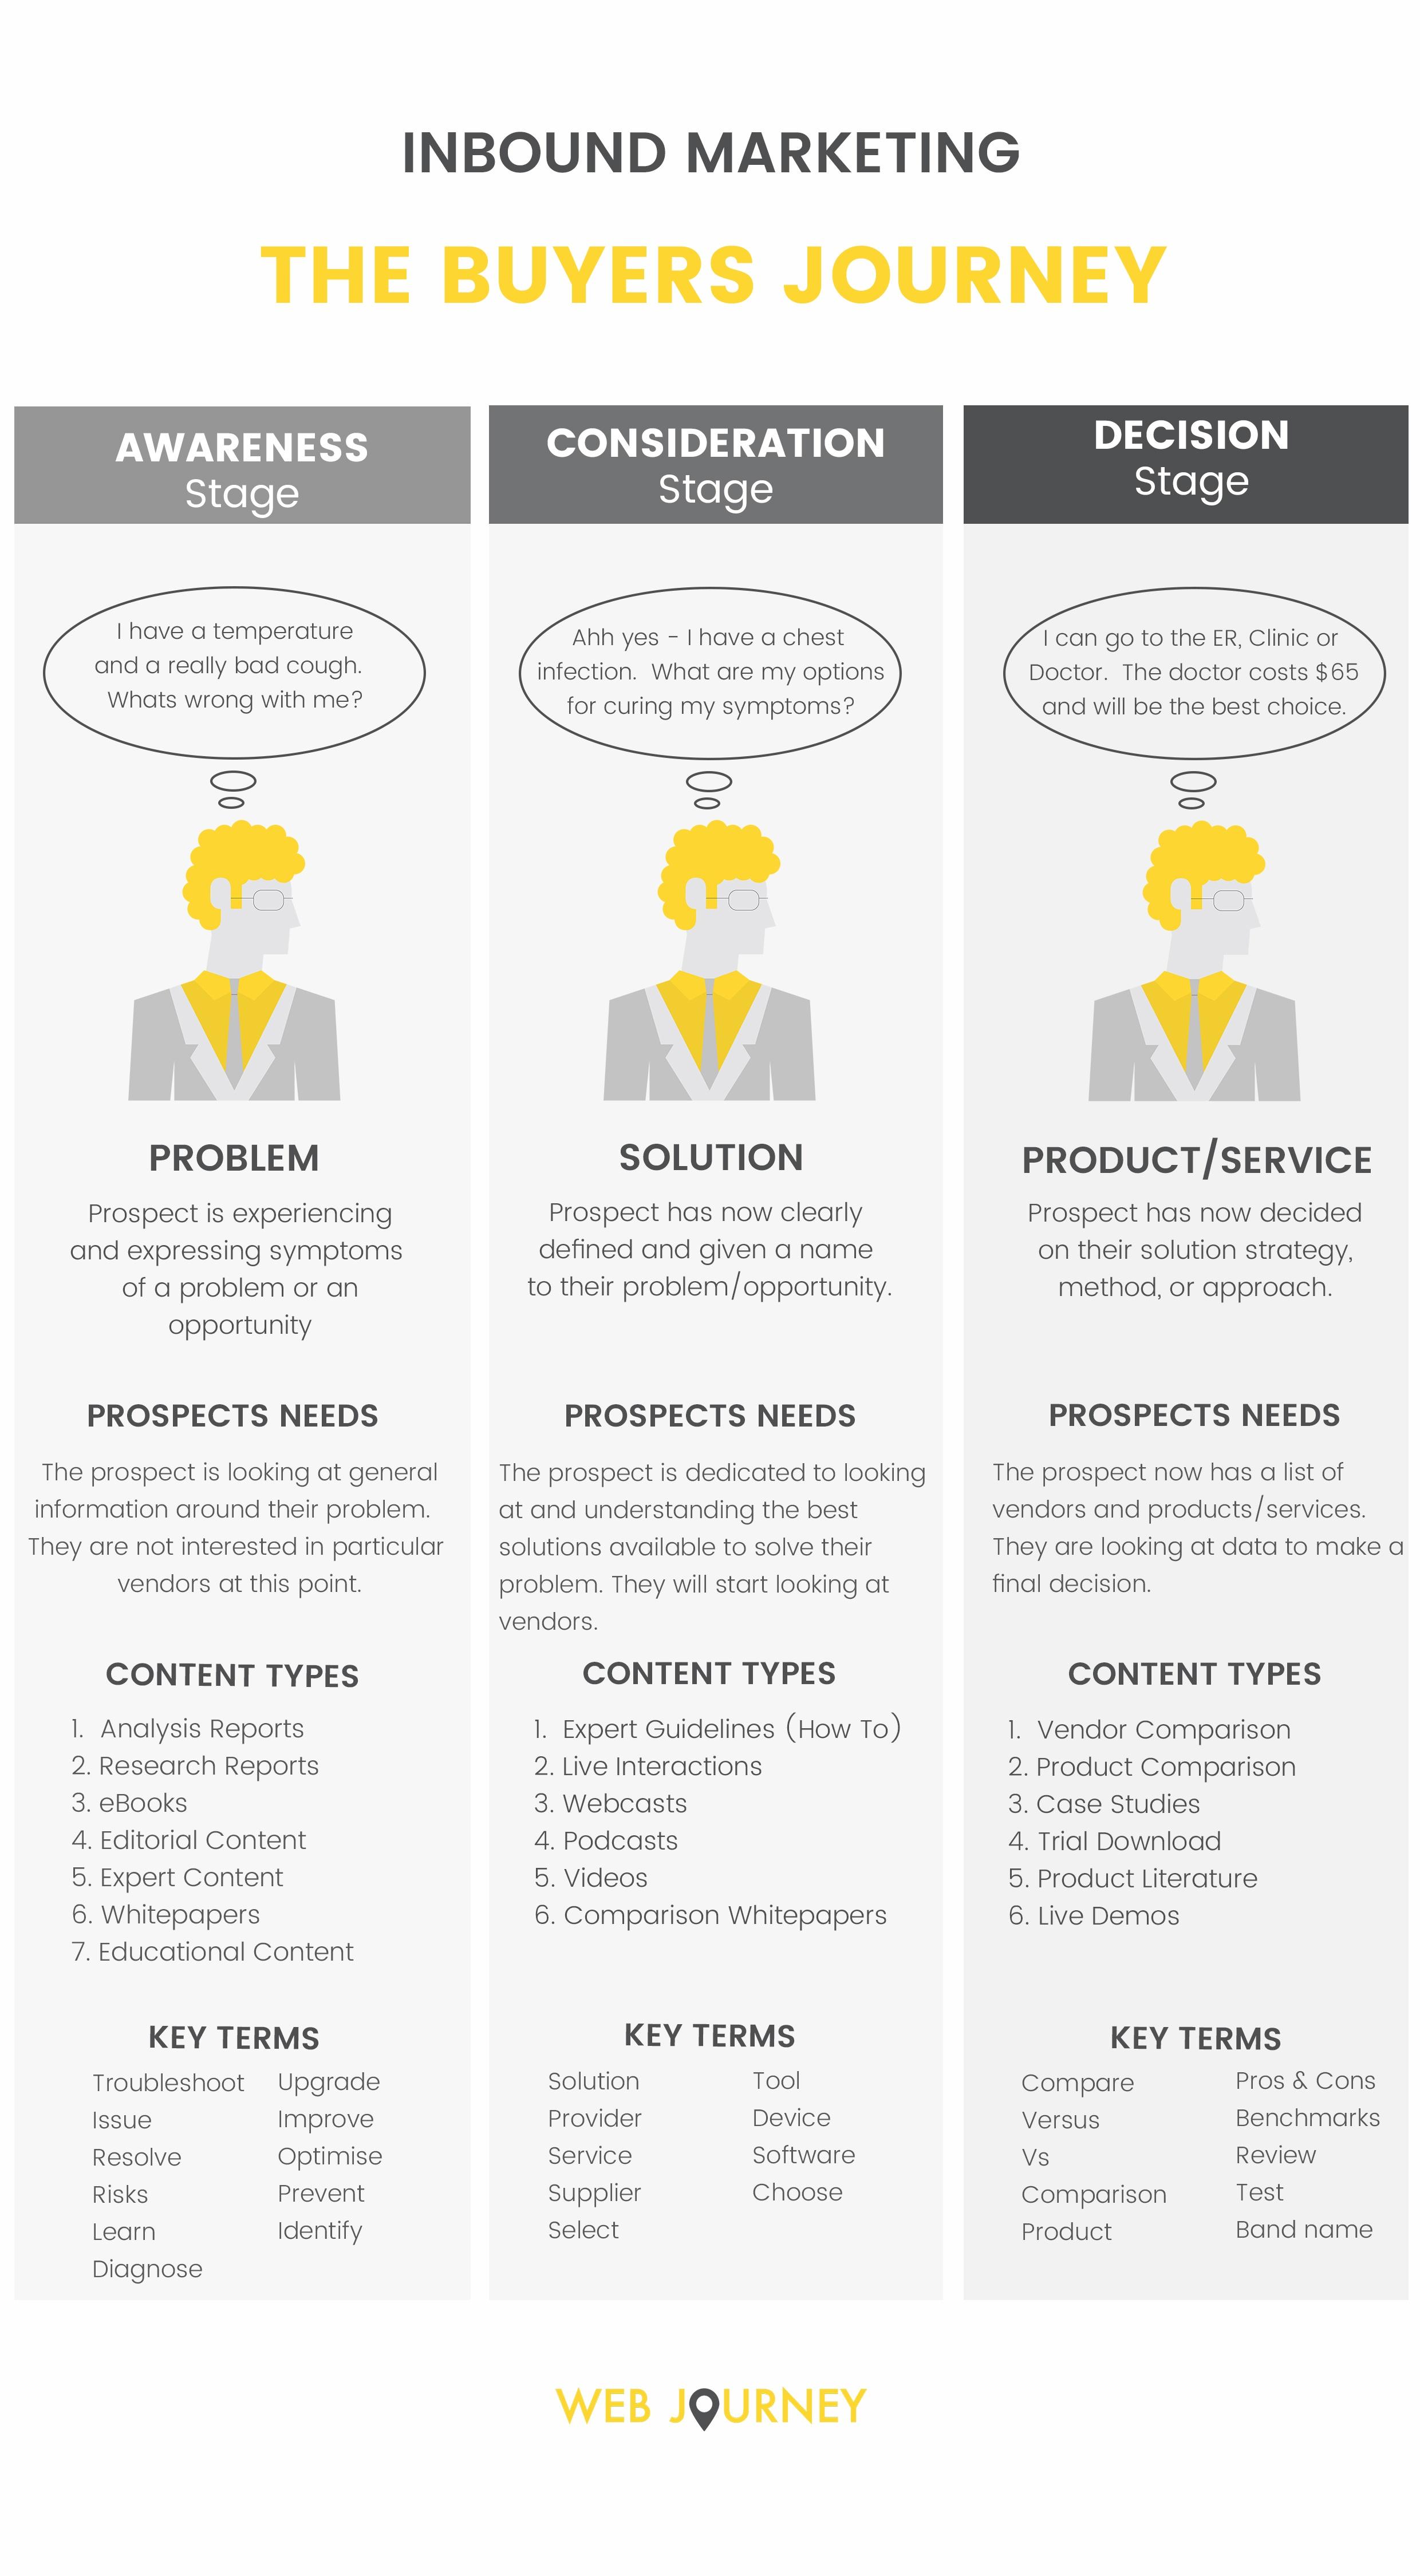 Guide To Running An Inbound Marketing Campaign - Inbound Buyers Journey